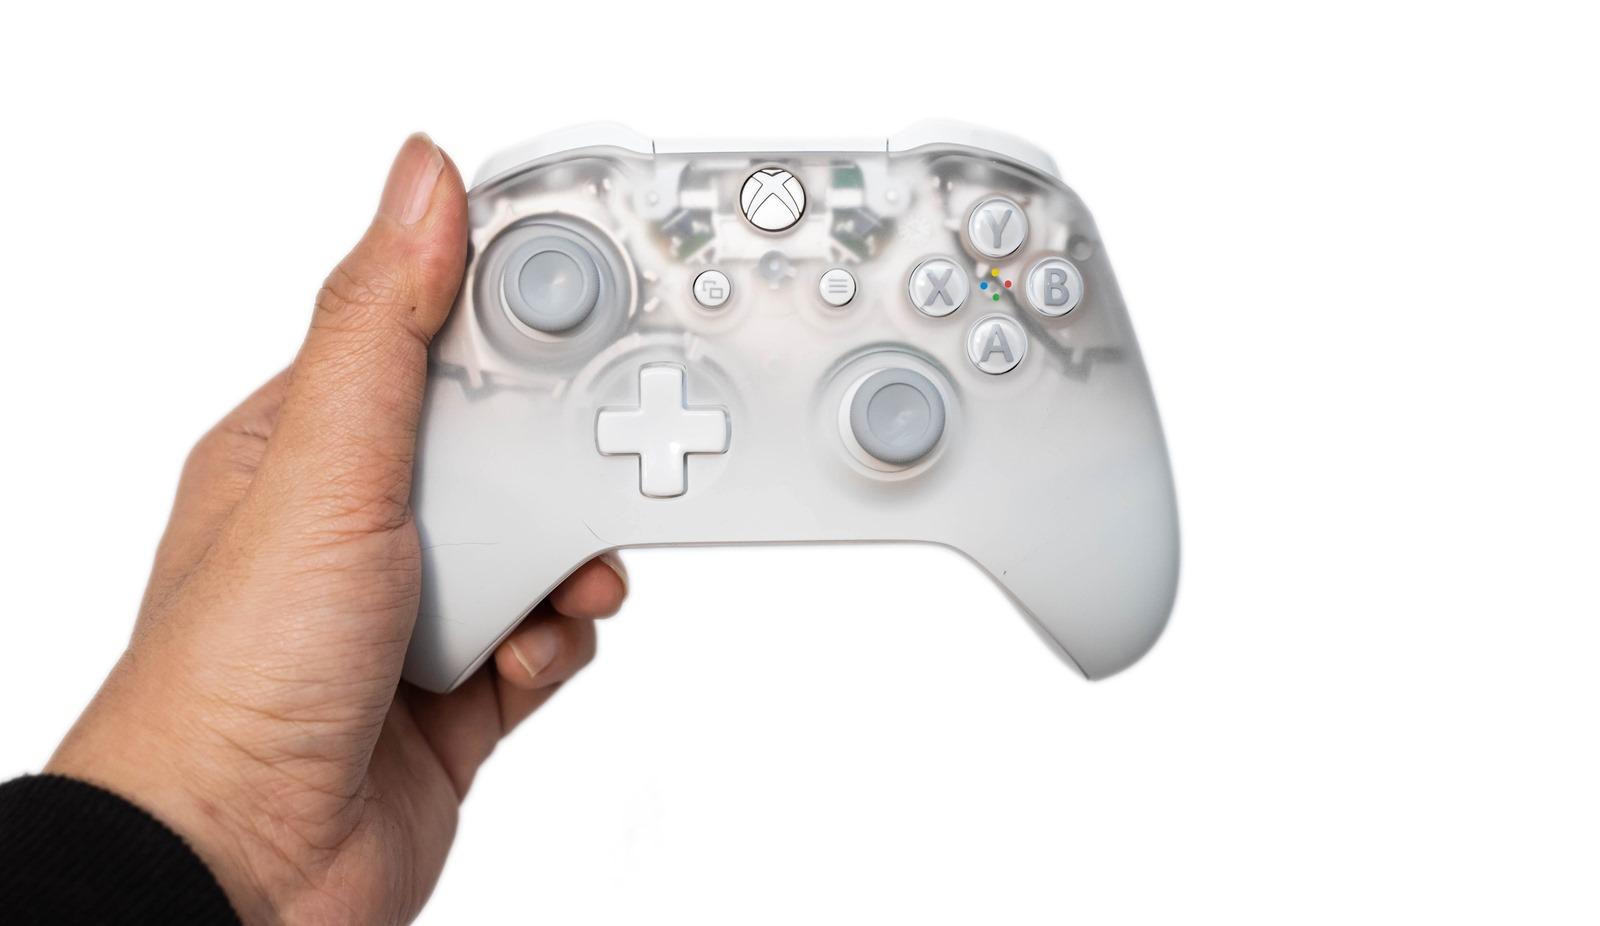 性感!若隱若現的 Xbox Phantom 白色特別版控制器開箱分享 @3C 達人廖阿輝